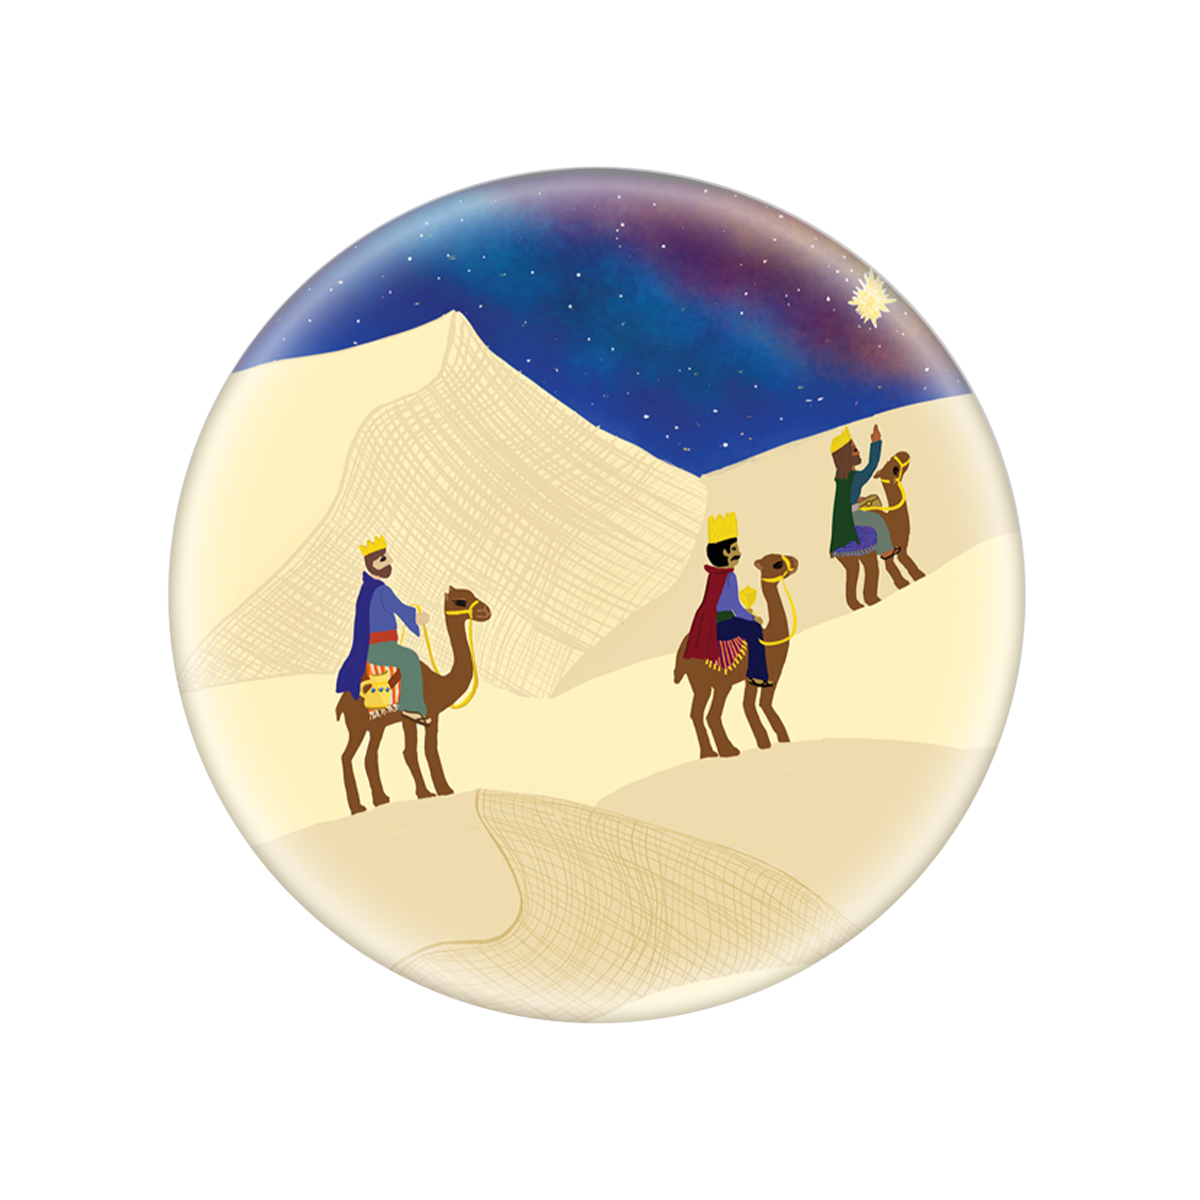 Magi Glass Magnet